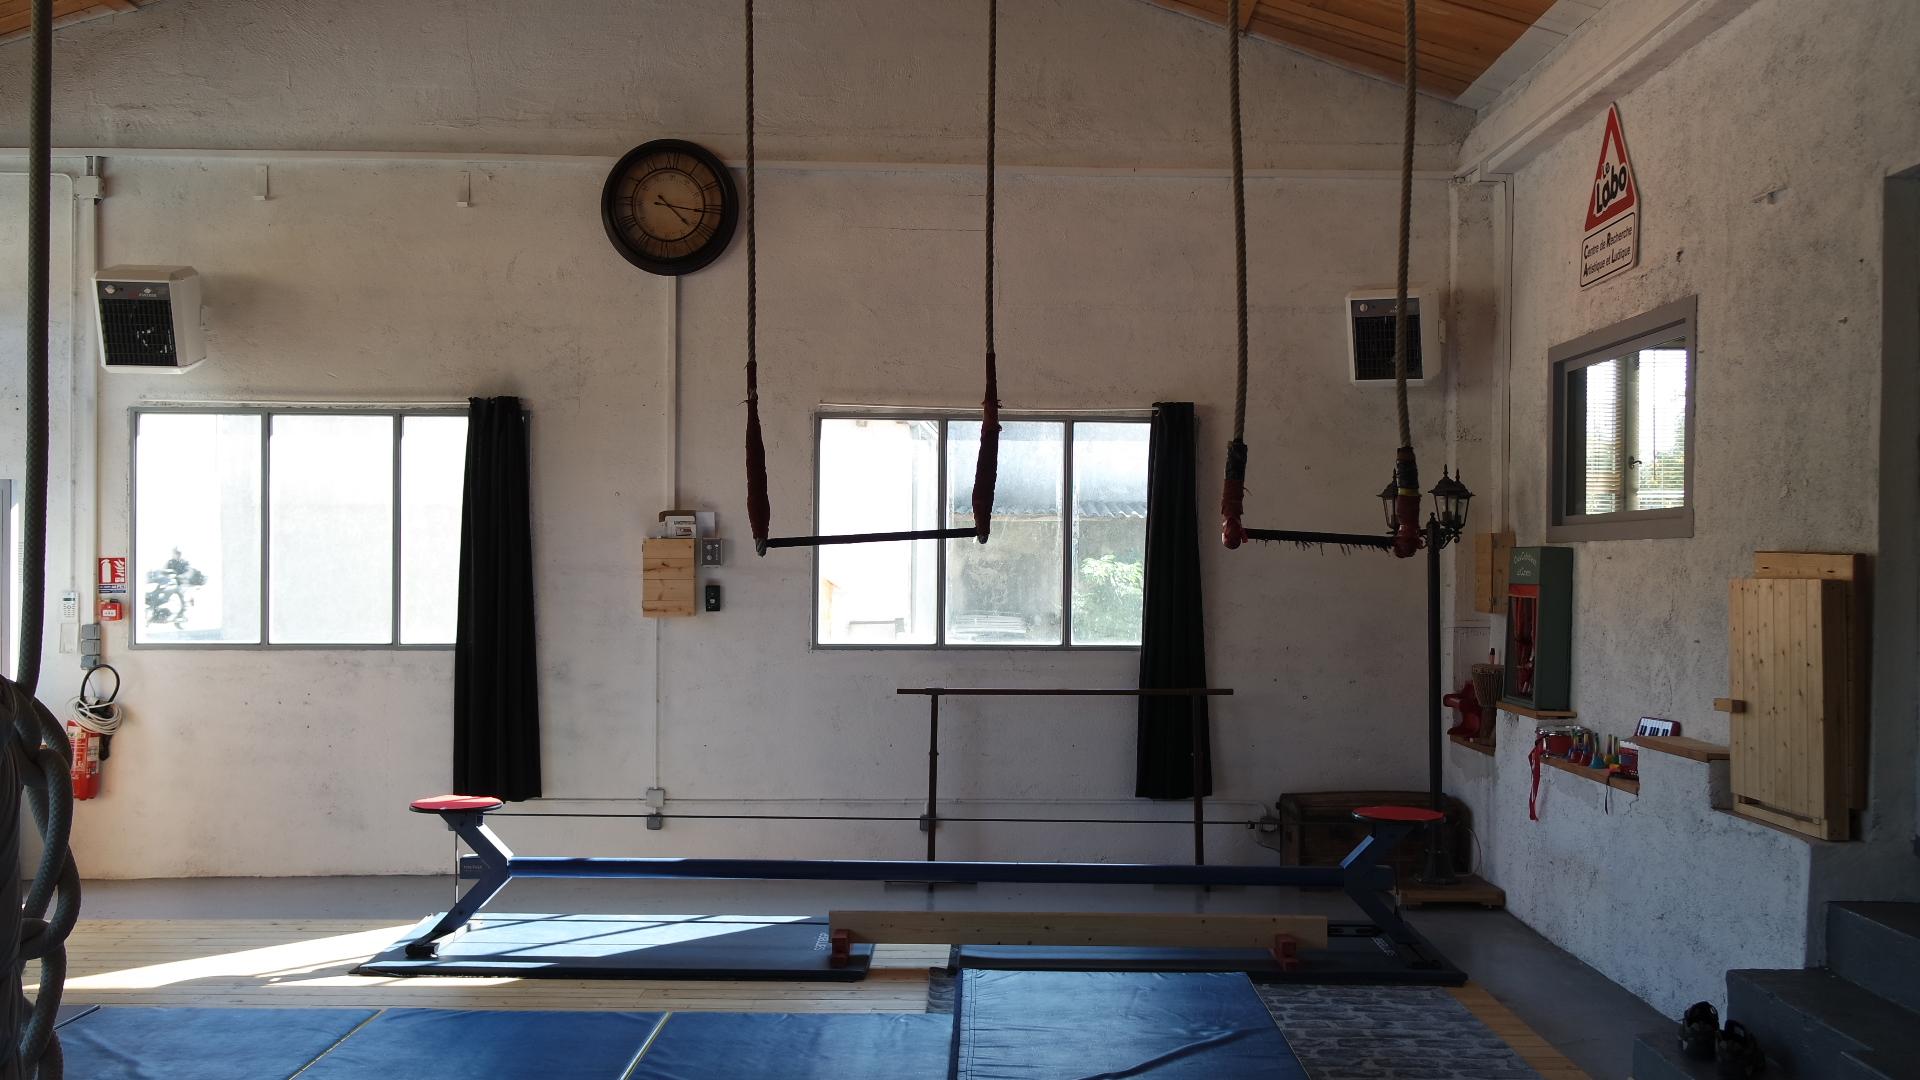 Le Labo - École de cirque